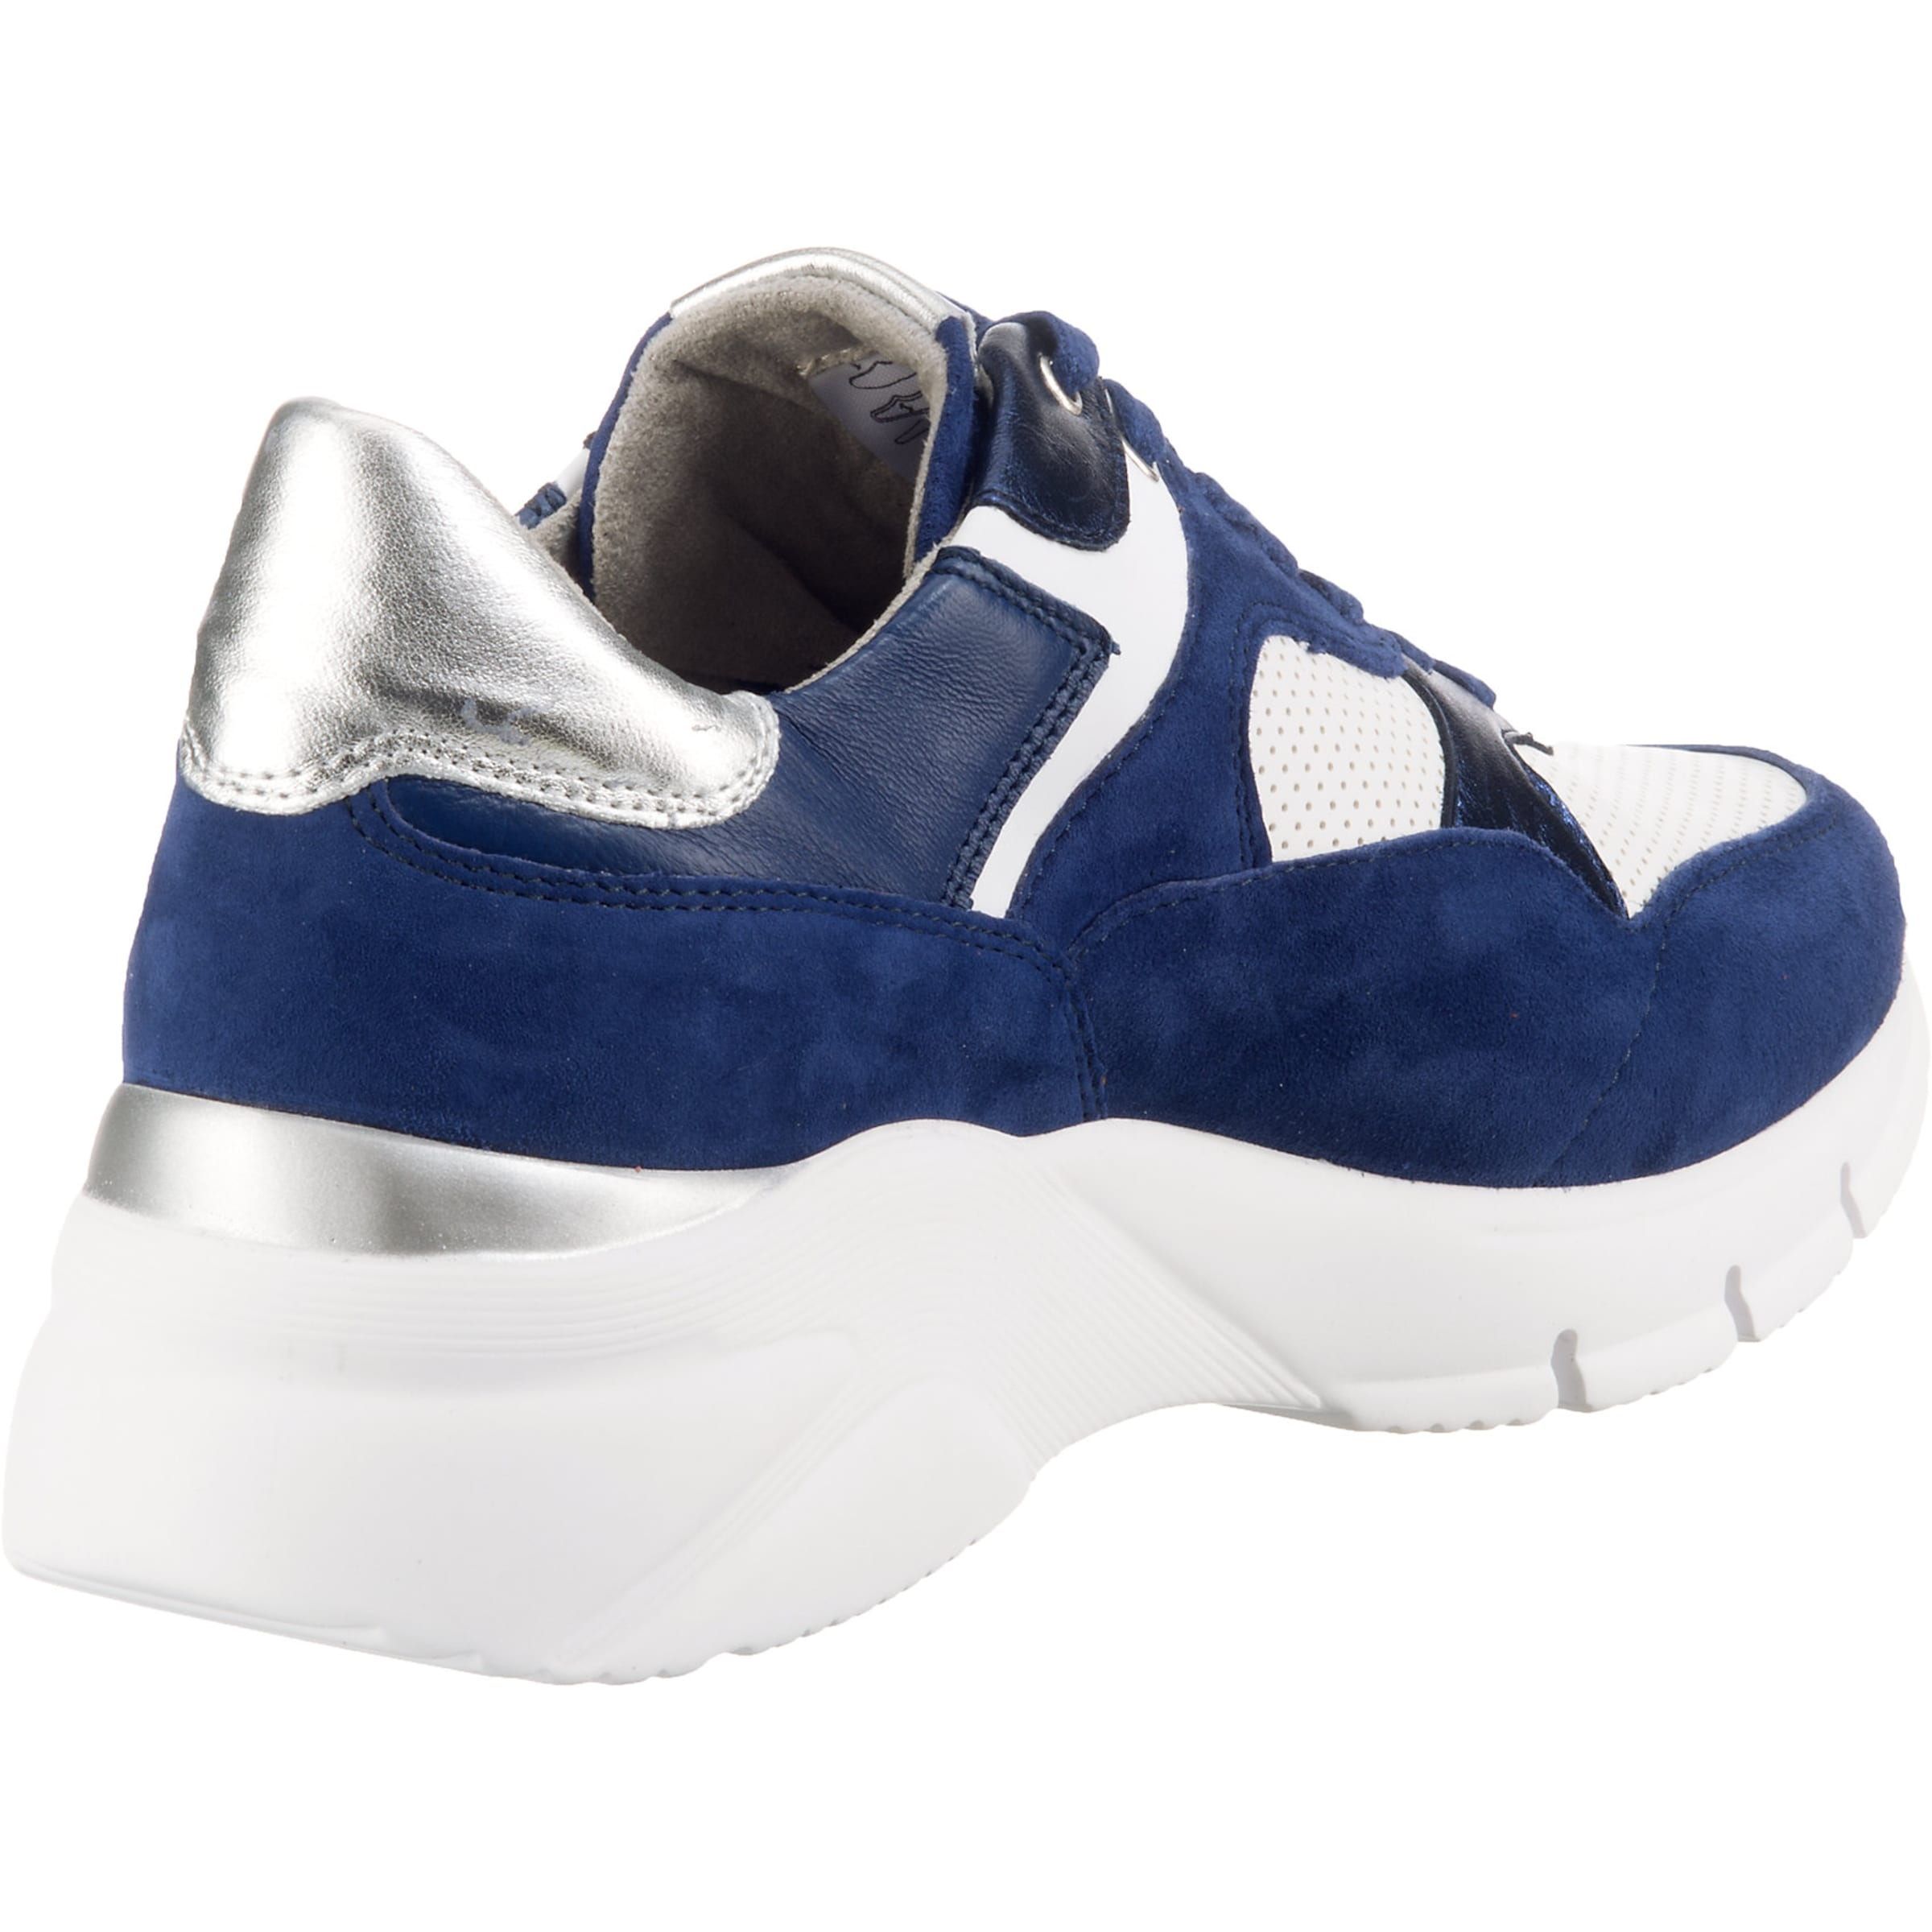 Tamaris BlauSilber In Weiß Low Sneakers SUzpVM